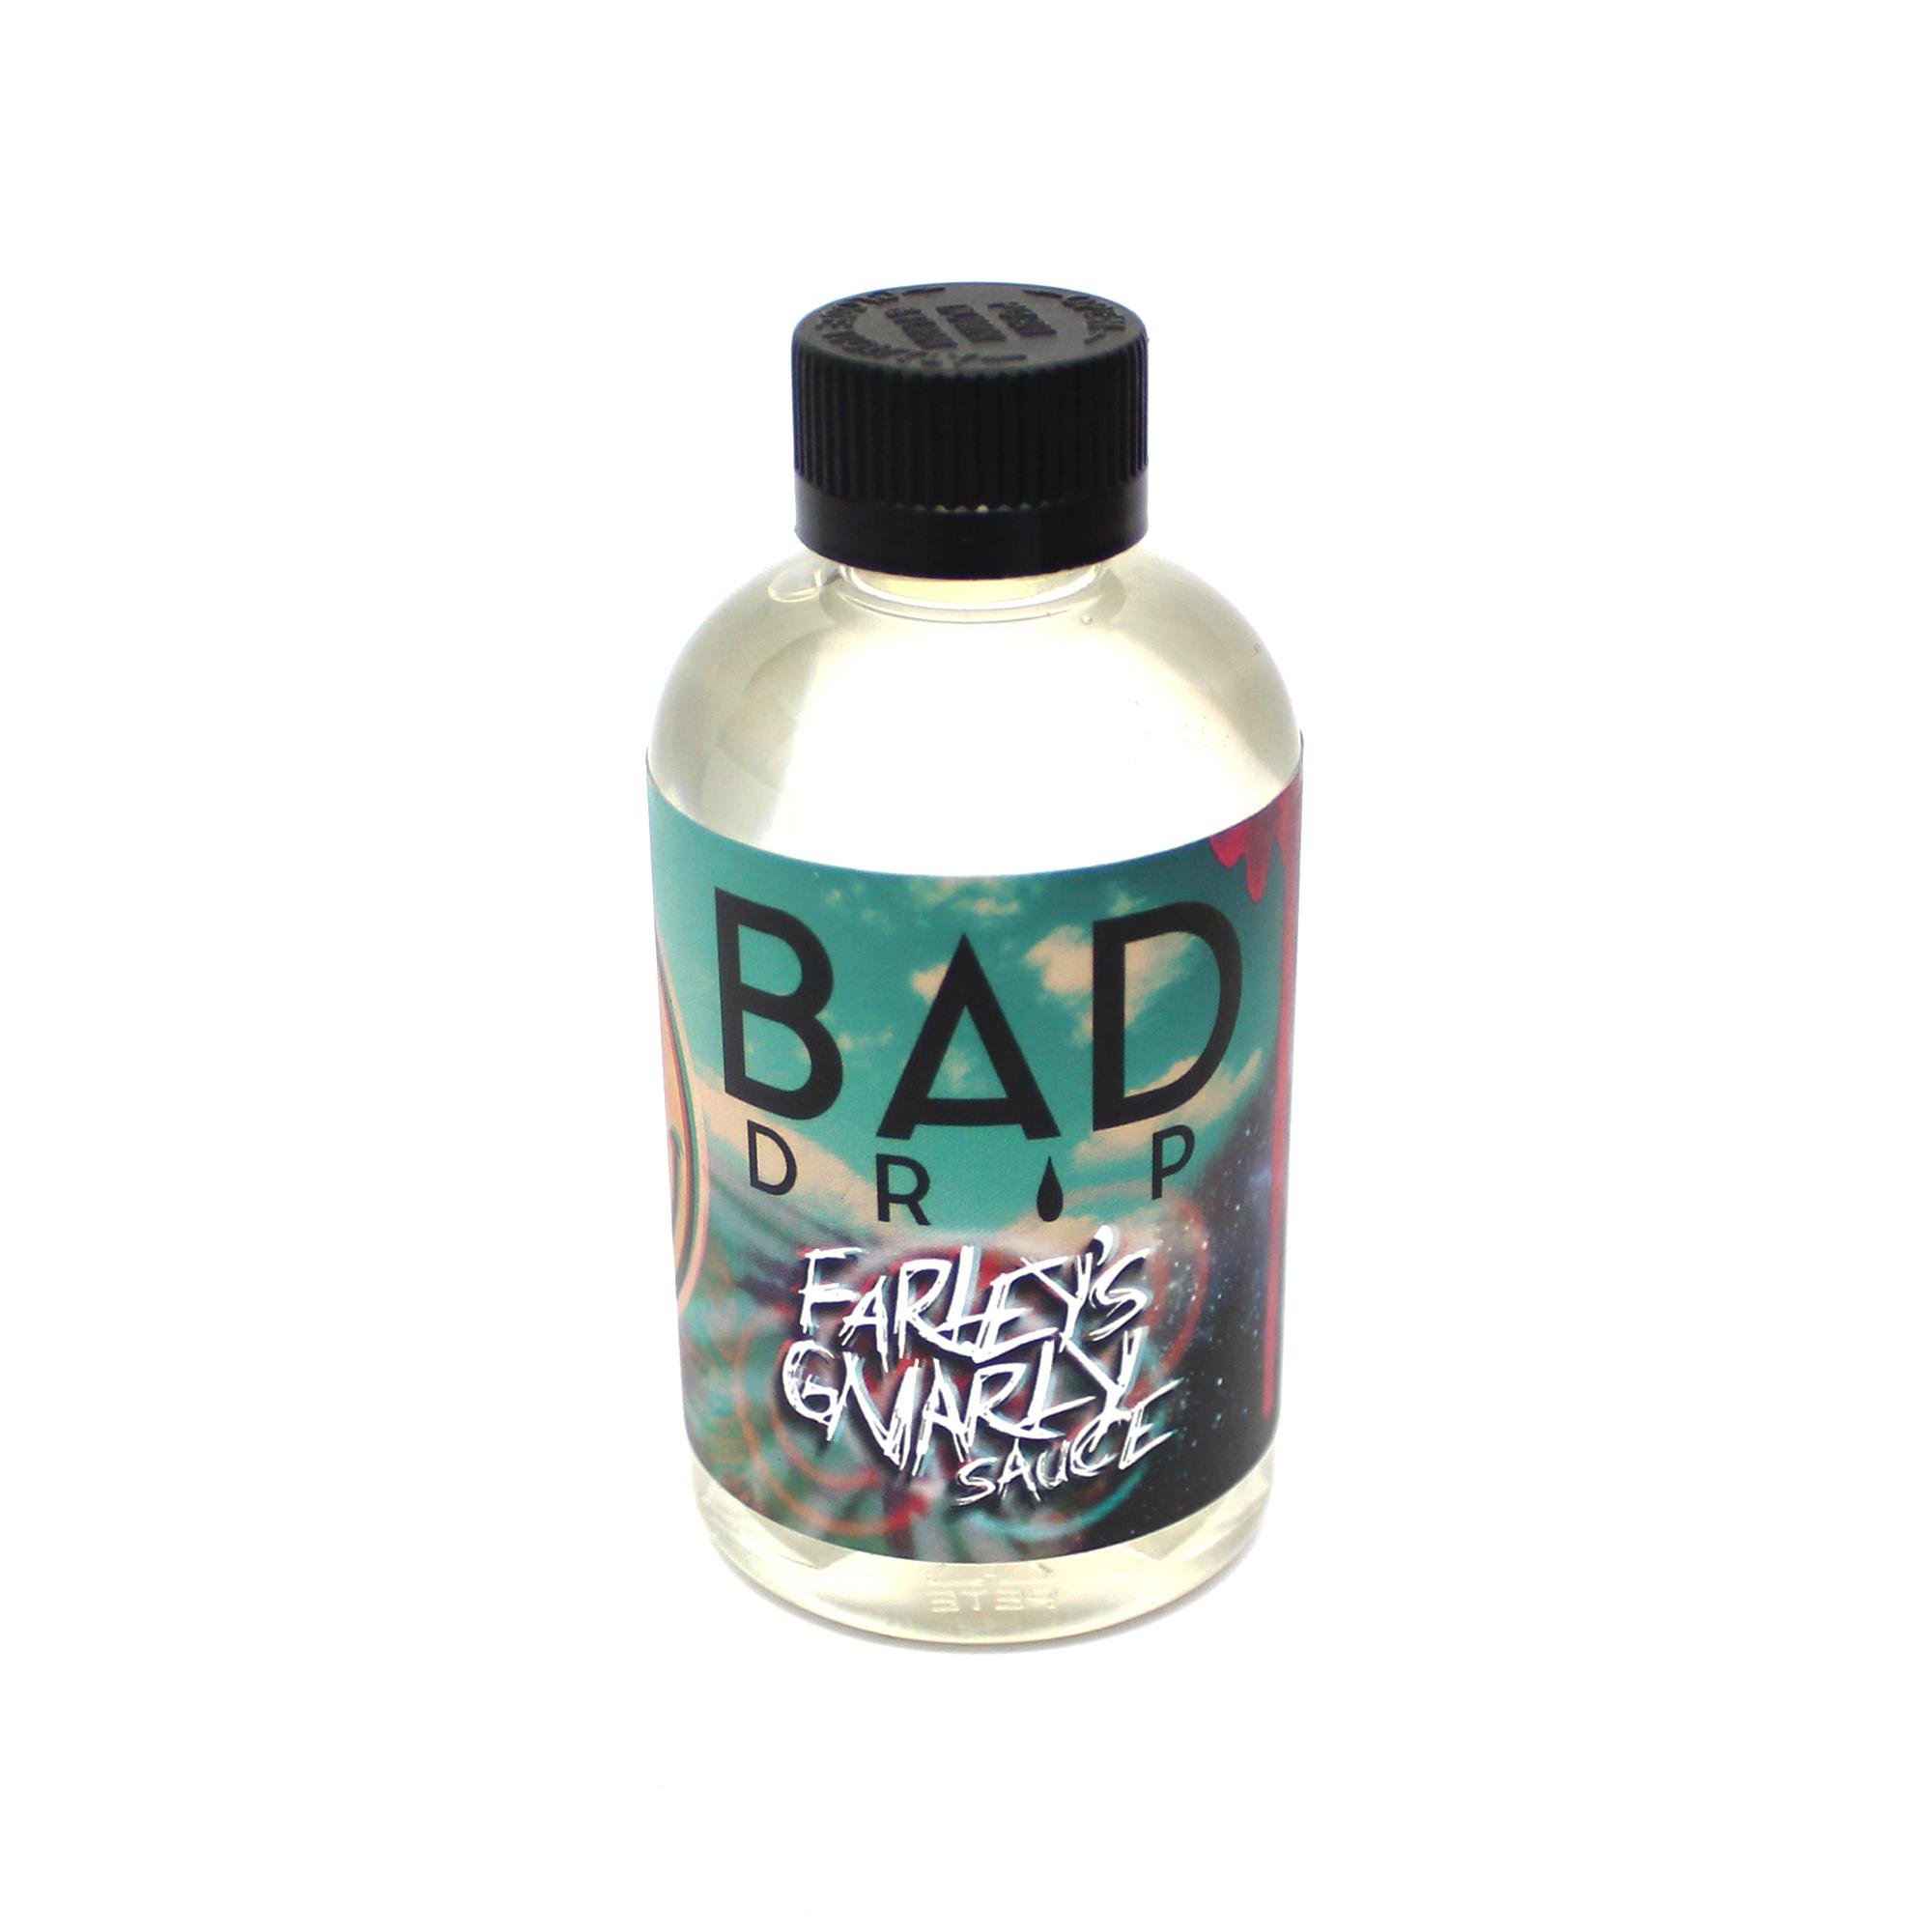 Жидкость Bad Drip Farley's Gnarly Sauce 120 мл